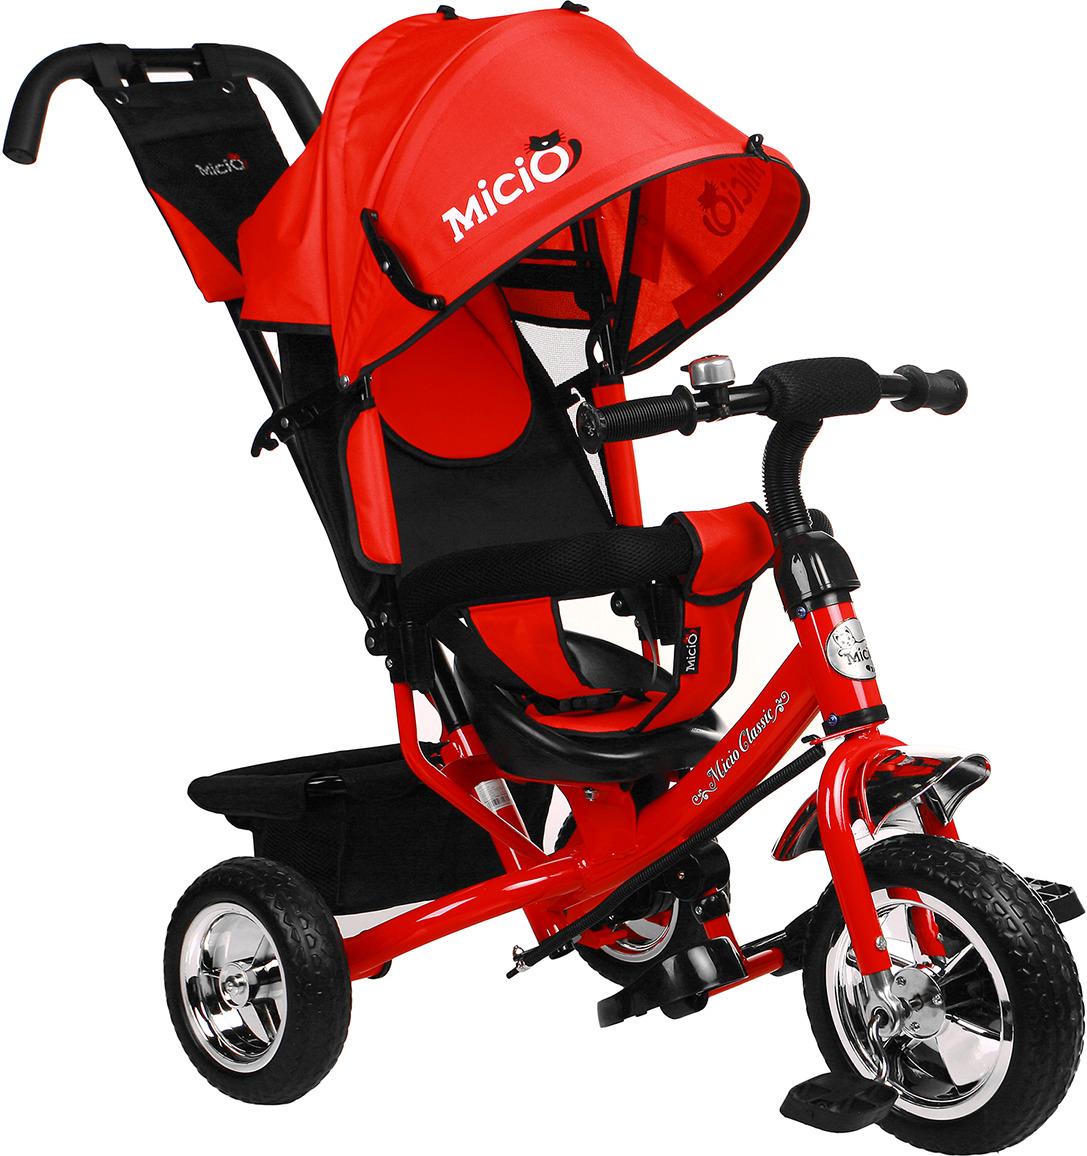 Велосипед трехколесный детский Micio Classic 2019, 3871481, красный3871481Чтобы ваш непоседа гармонично развивался и наполнял дни яркими эмоциями, присмотритесь к данному велосипеду. С ним ребенок разовьет ловкость и координацию движений, станет более решительным и самостоятельным. Родители оценят прочную конструкцию из металла, которая увеличит срок службы велосипеда.